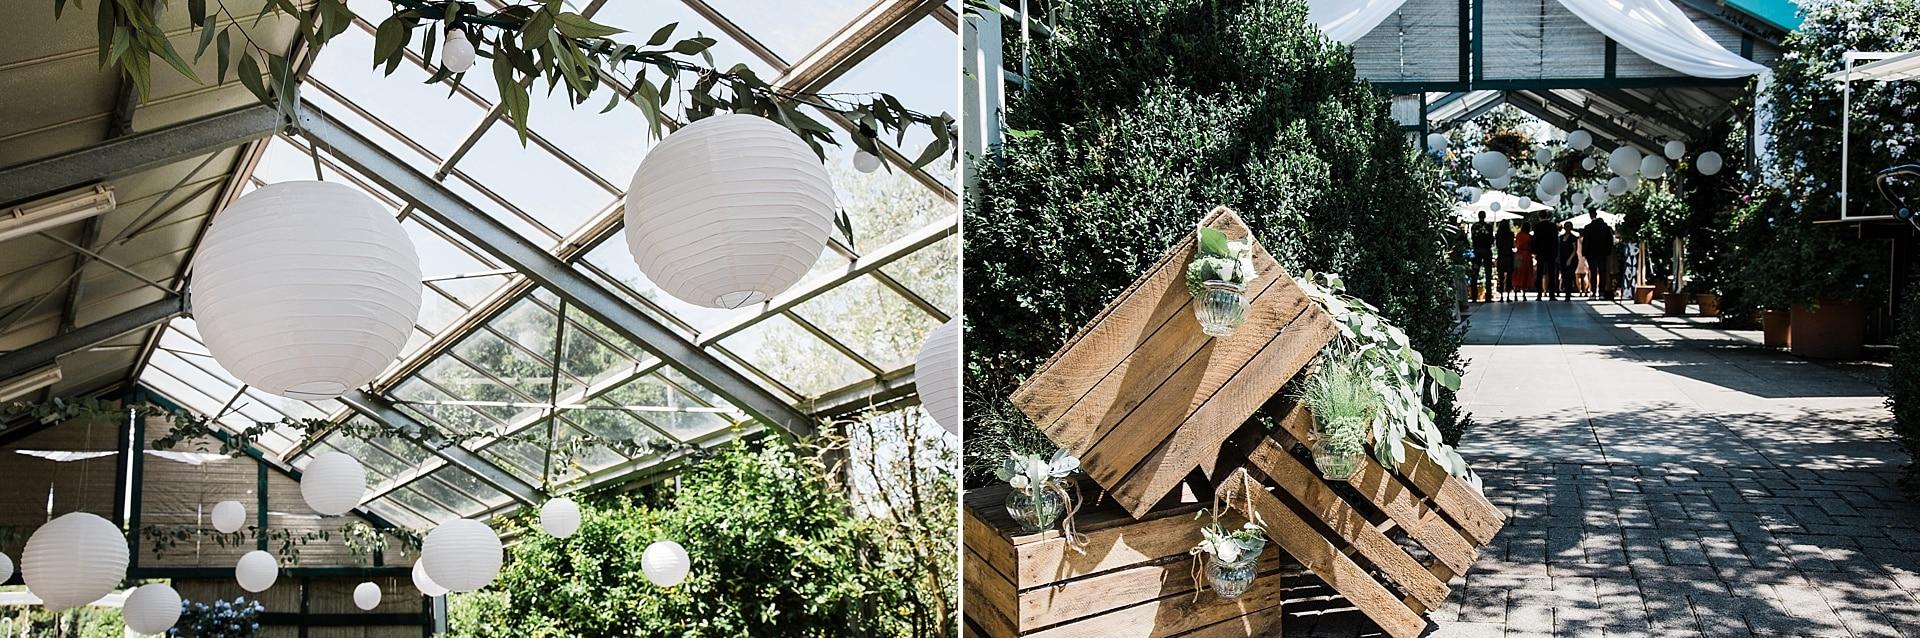 hochzeitsplanung-weddingplanner-freiburg-opfingen_0762